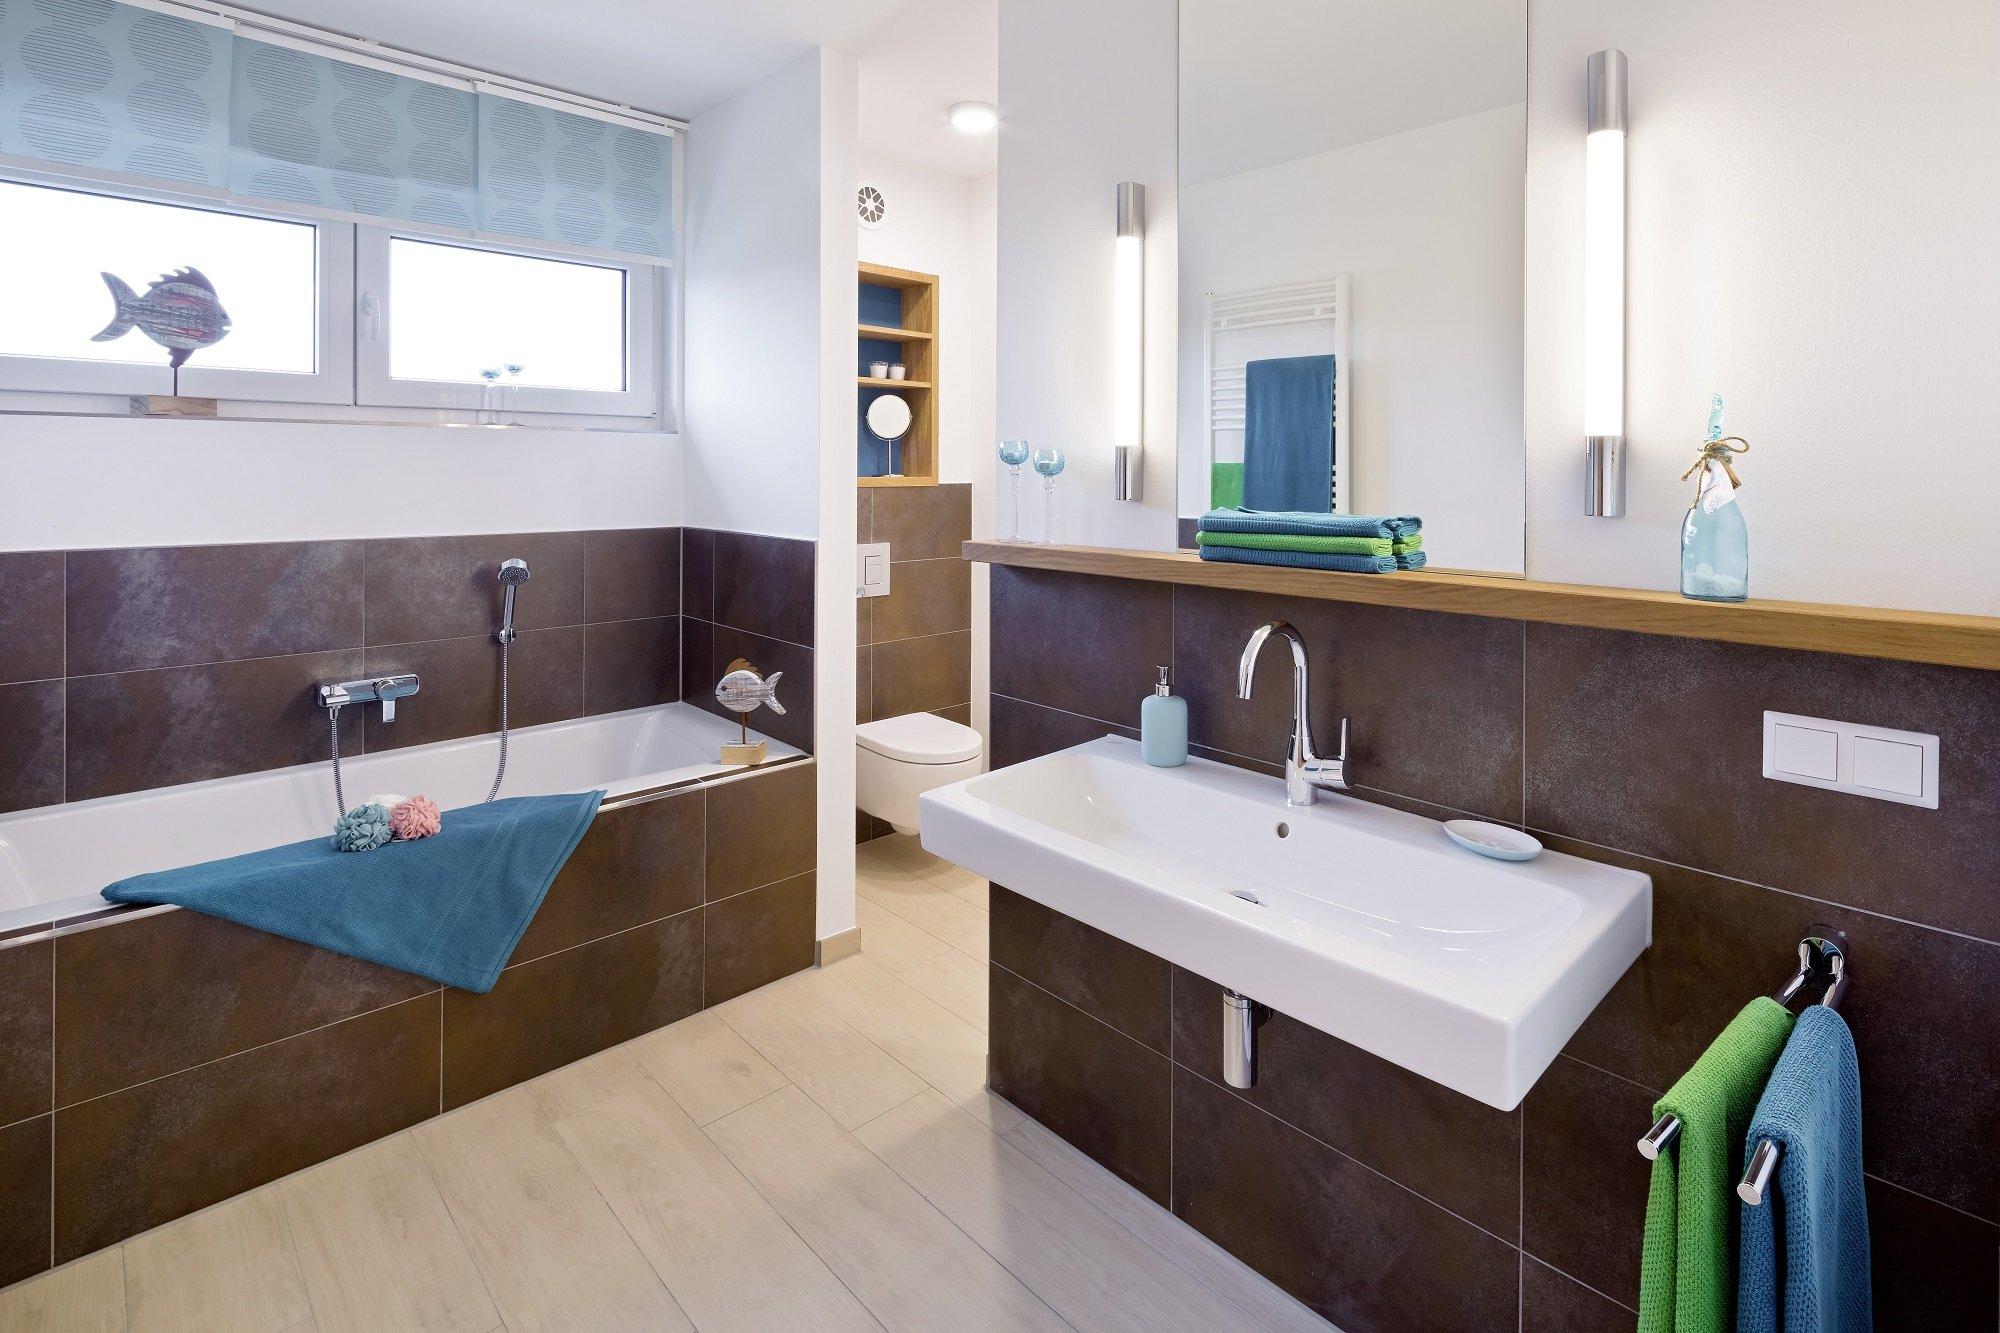 Badezimmer Badewanne Dusche großer Waschtisch schmale Fenster als Oberlicht